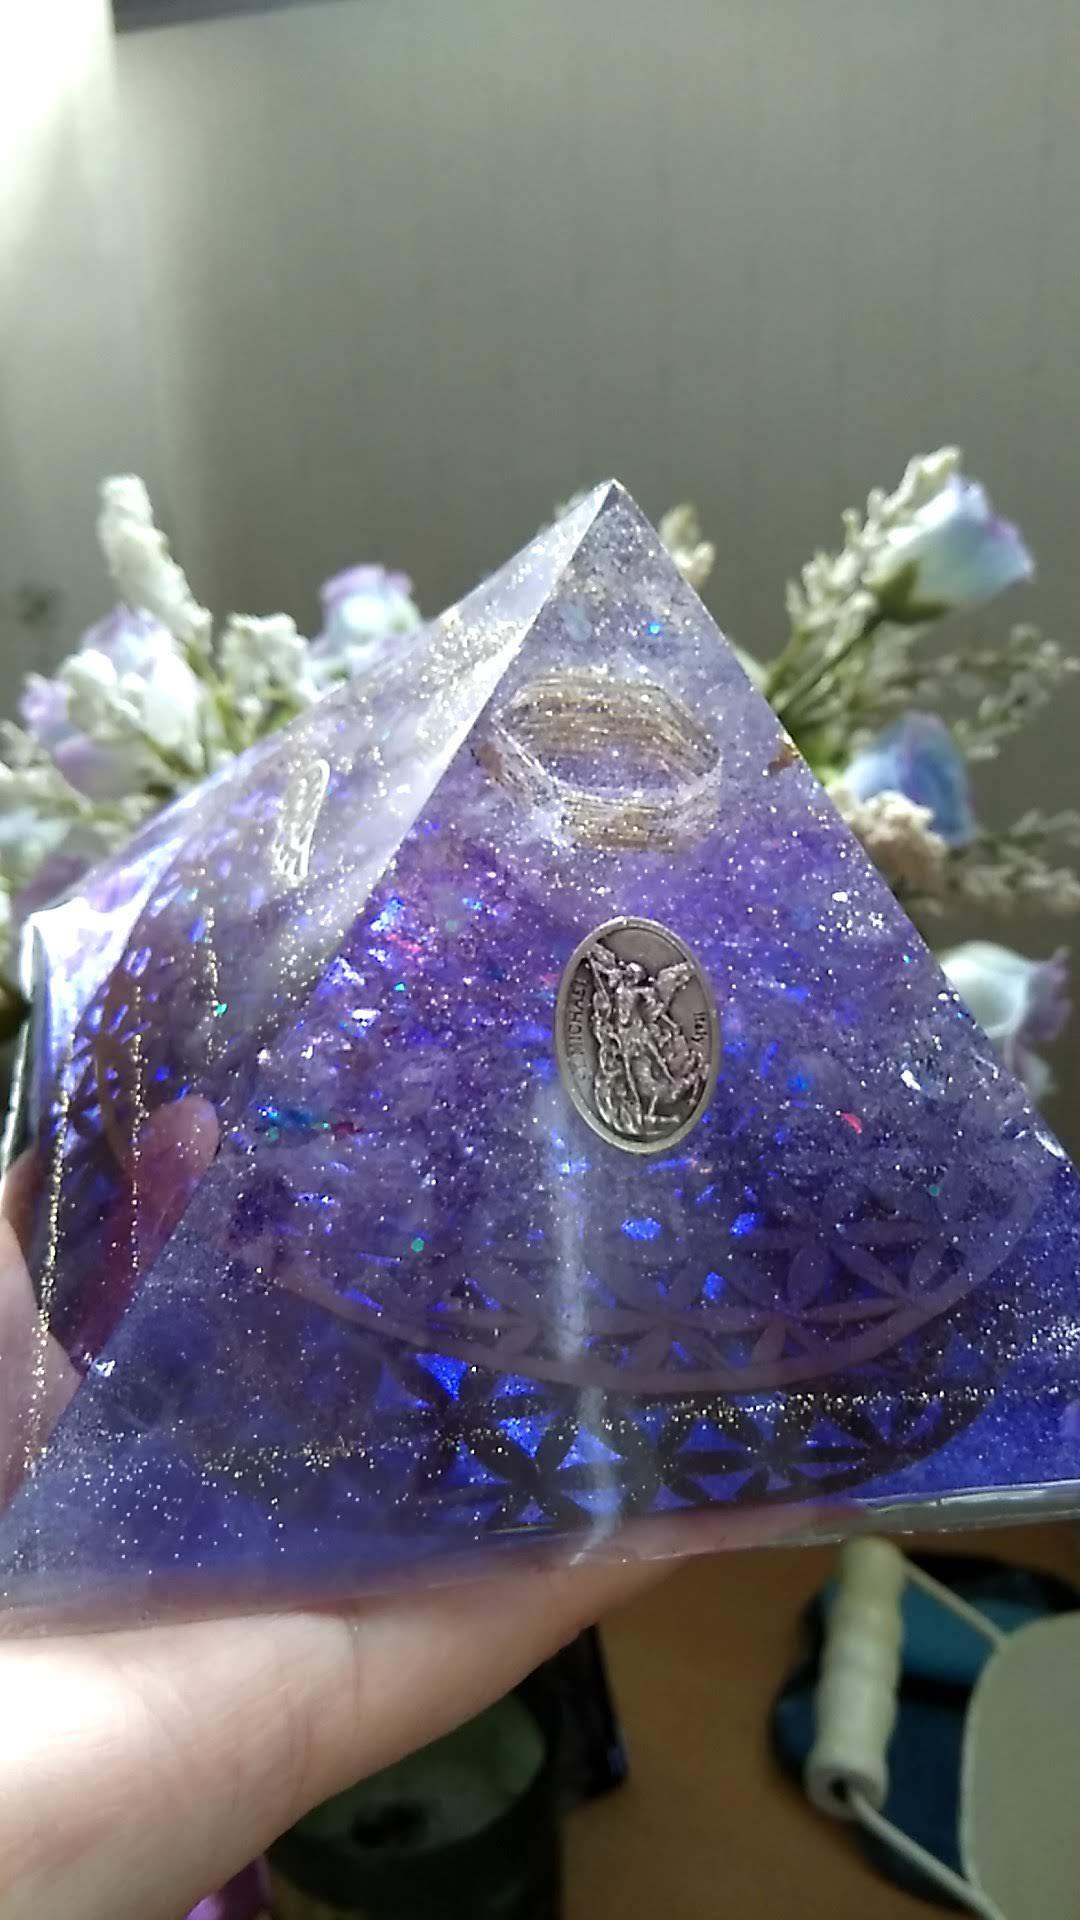 神聖なる宇宙の叡智とのつながり~Connecting  to  Universal  Wisdom~